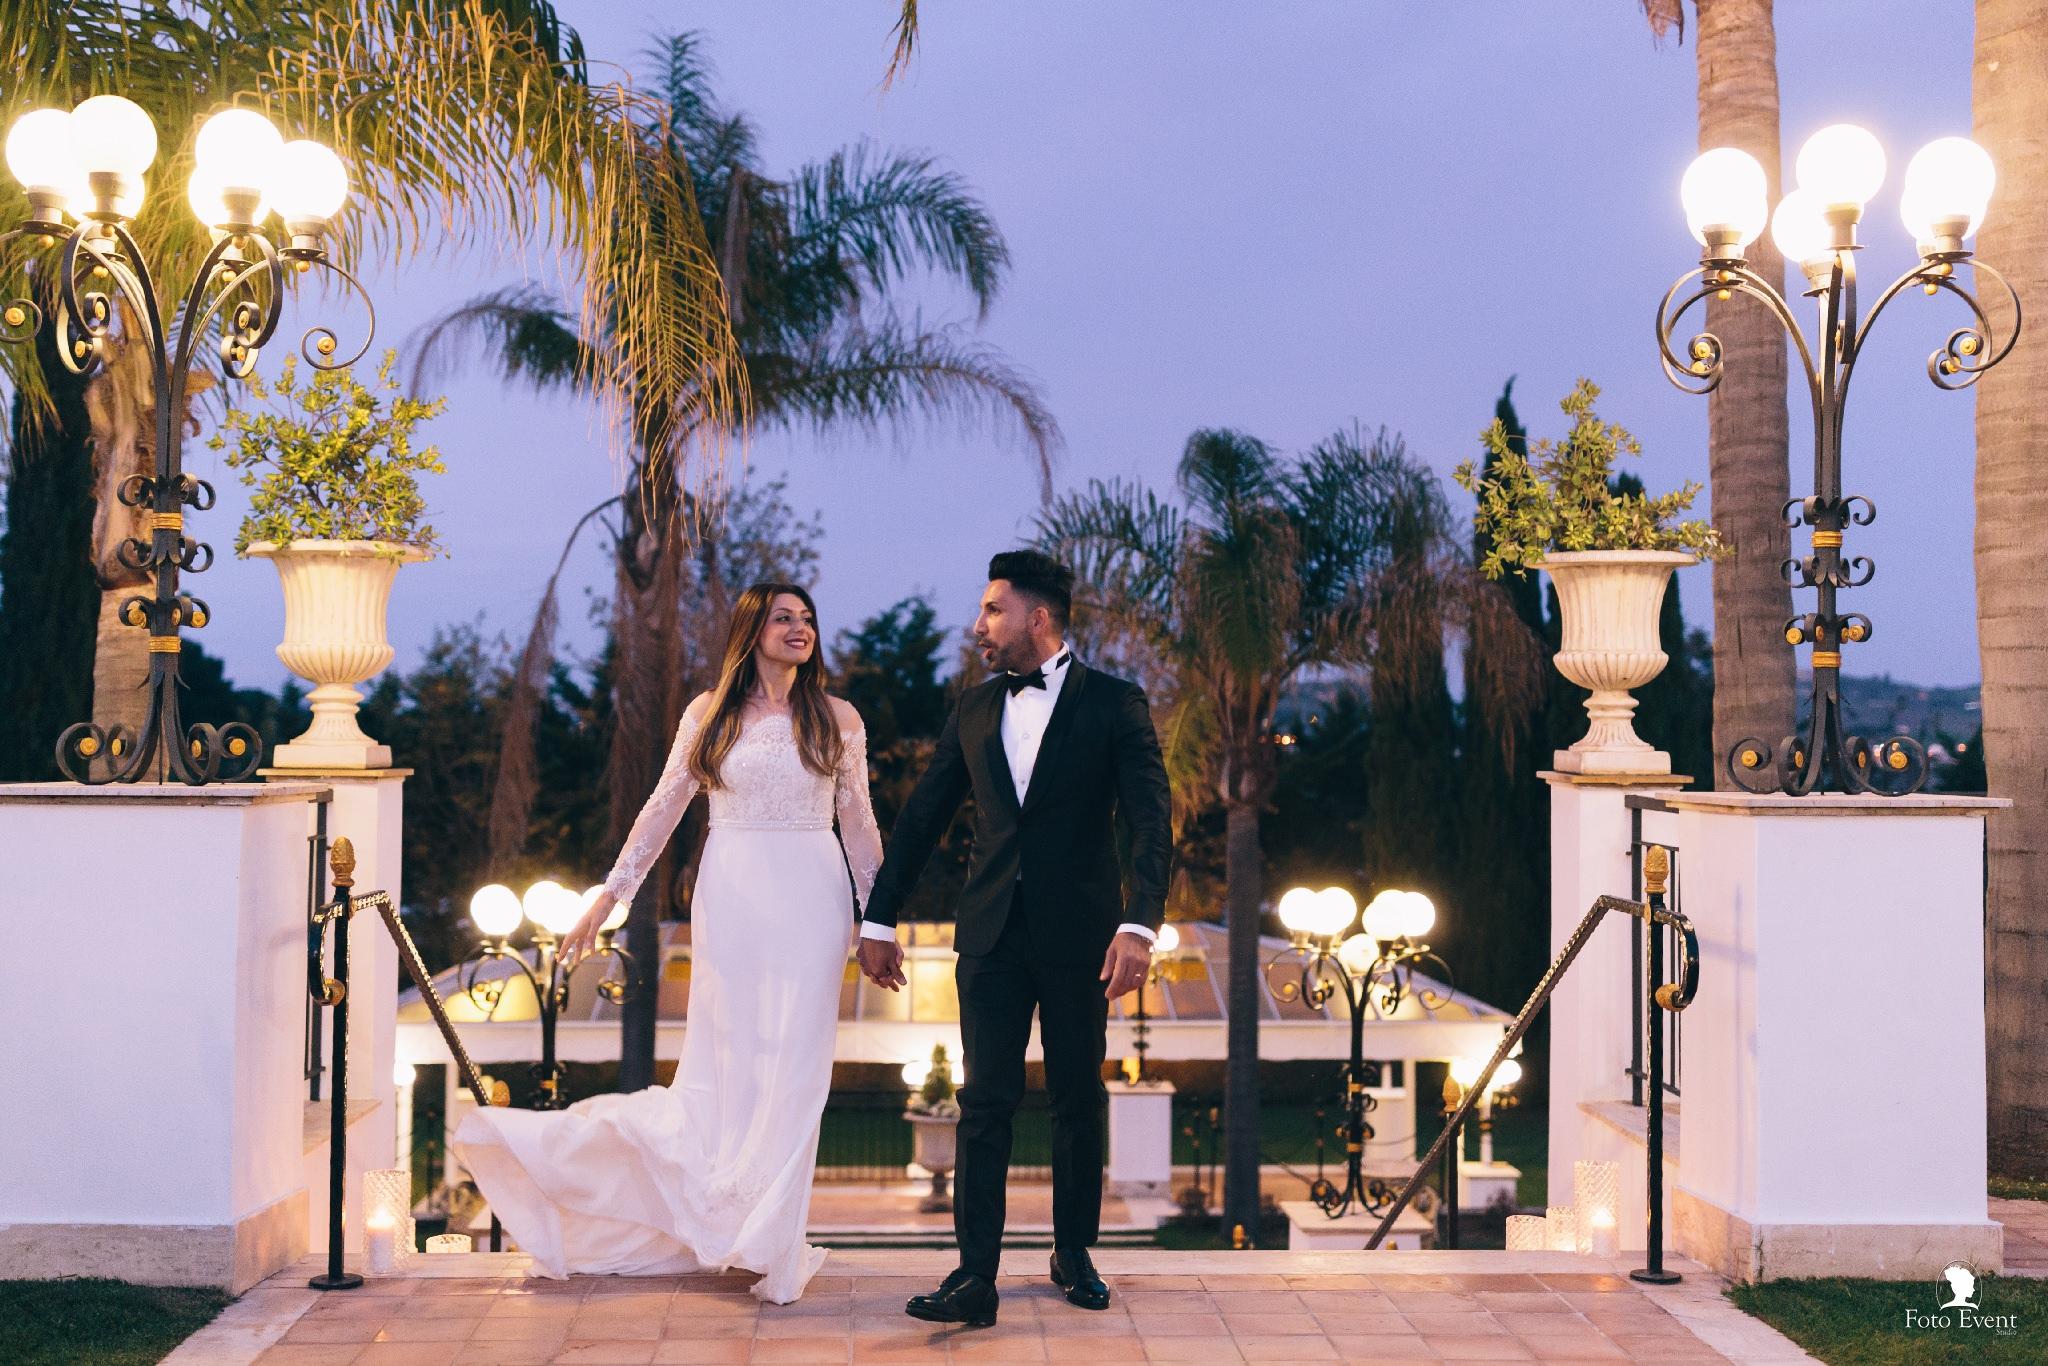 609-2019-05-09-Matrimonio-Maria-Concetta-e-Daniel-Gebbia-35mm-597